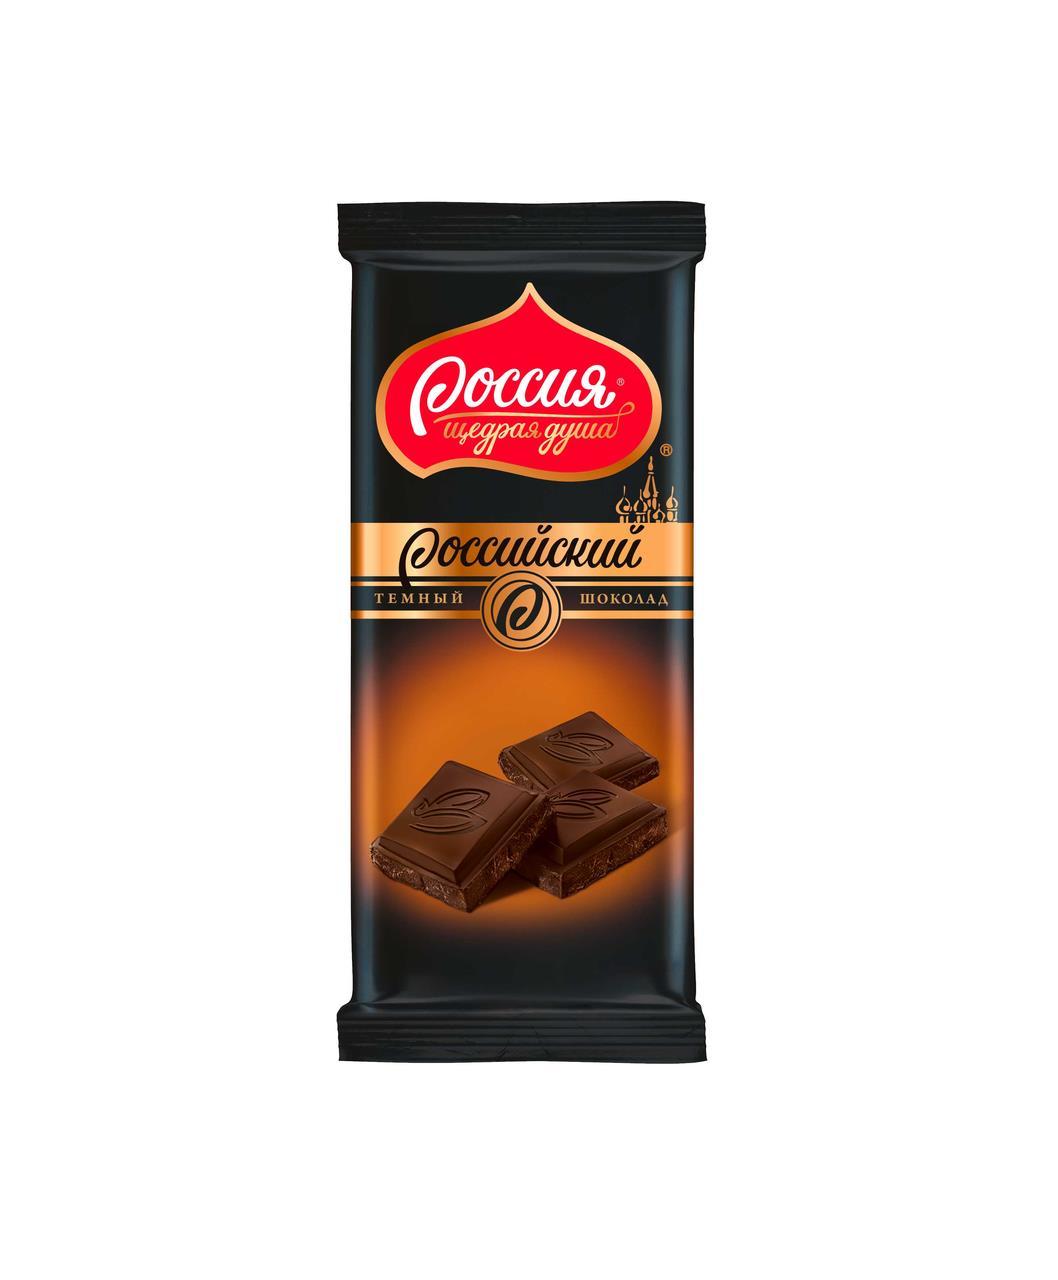 Шоколад РОССИЙСКИЙ темный, 90г